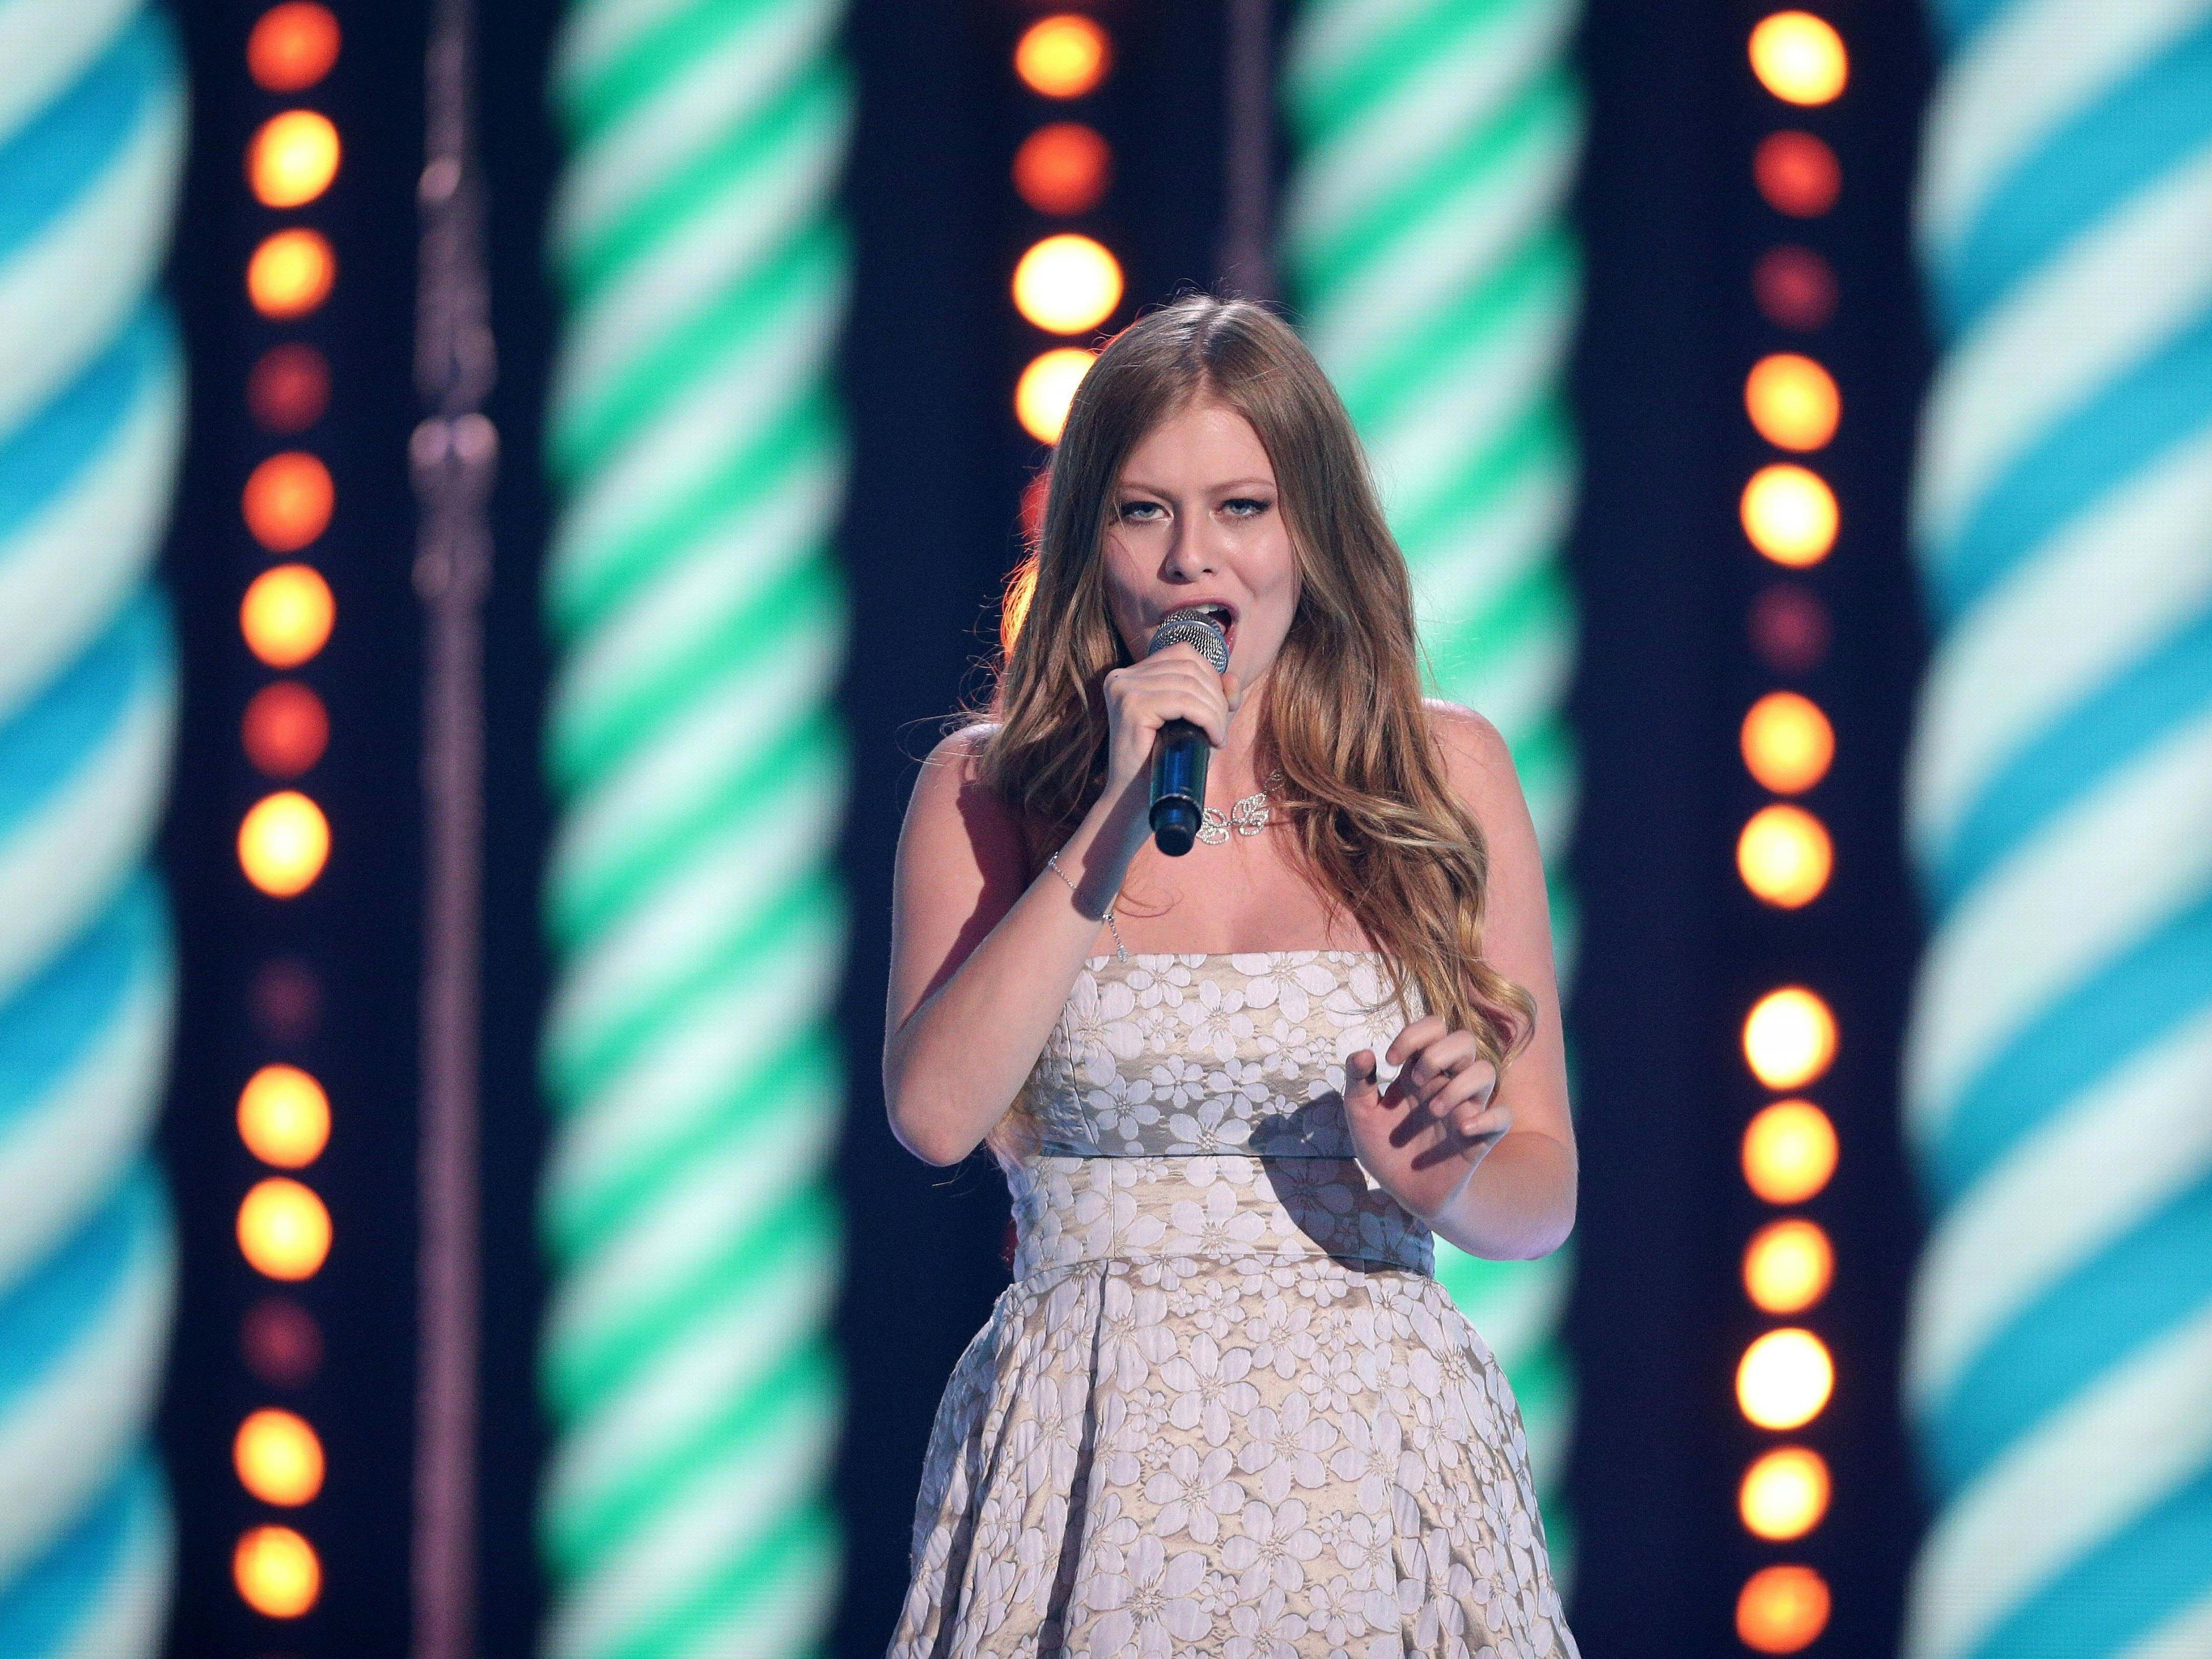 Zoe hat in Stockholm am 10. Mai ihren Halbfinal-Auftritt.